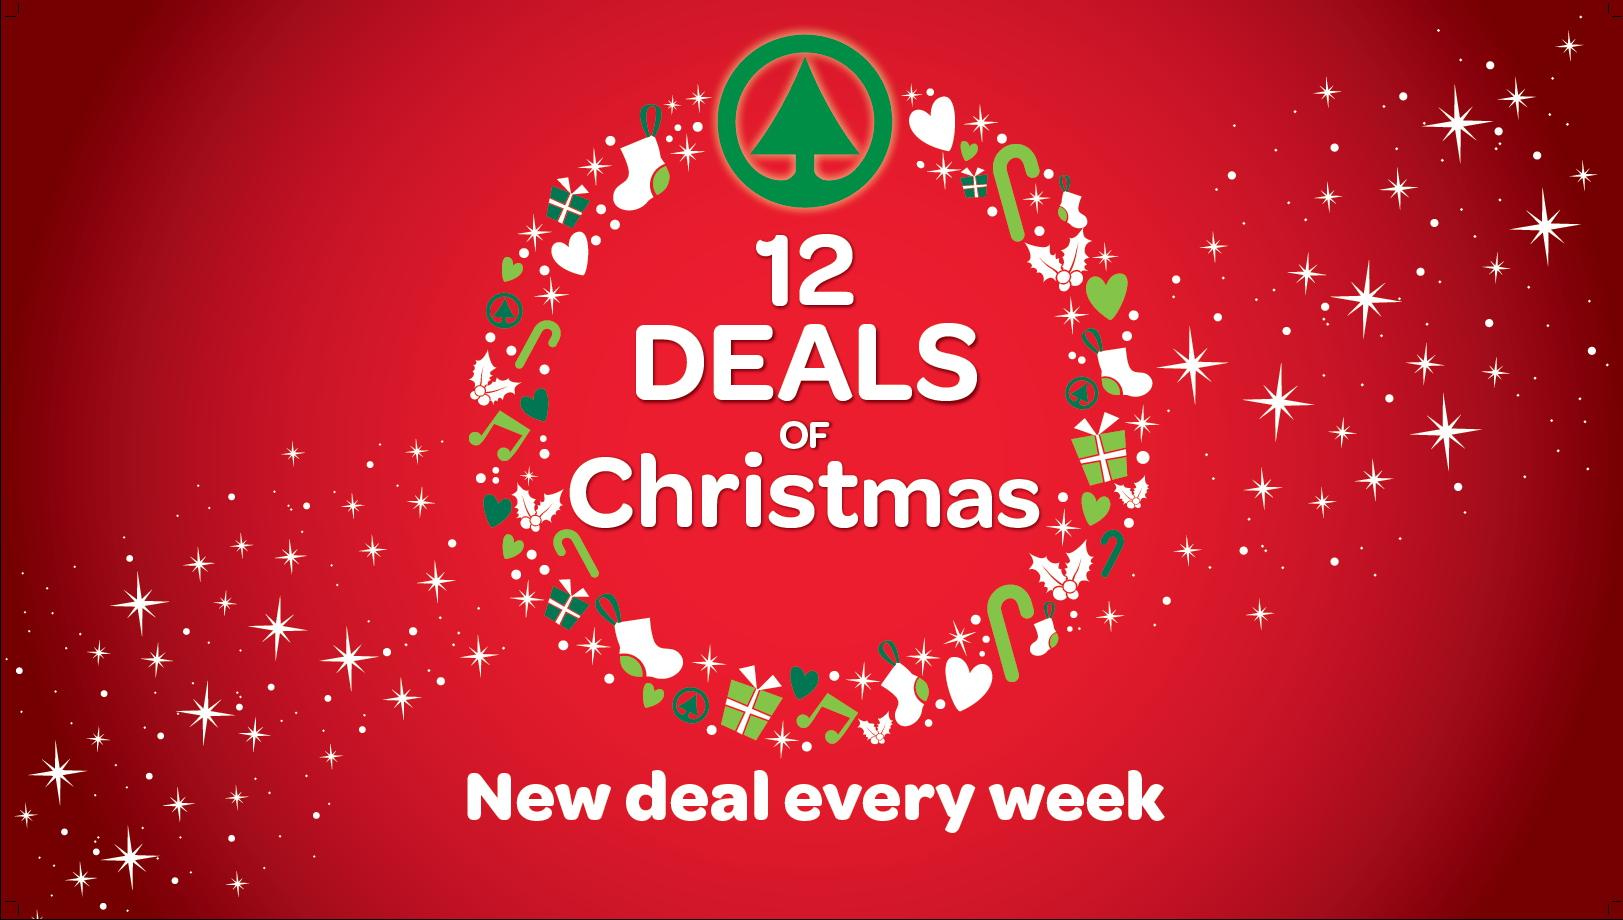 SPAR's 12 Deals of Christmas Promotion Returns for 2016